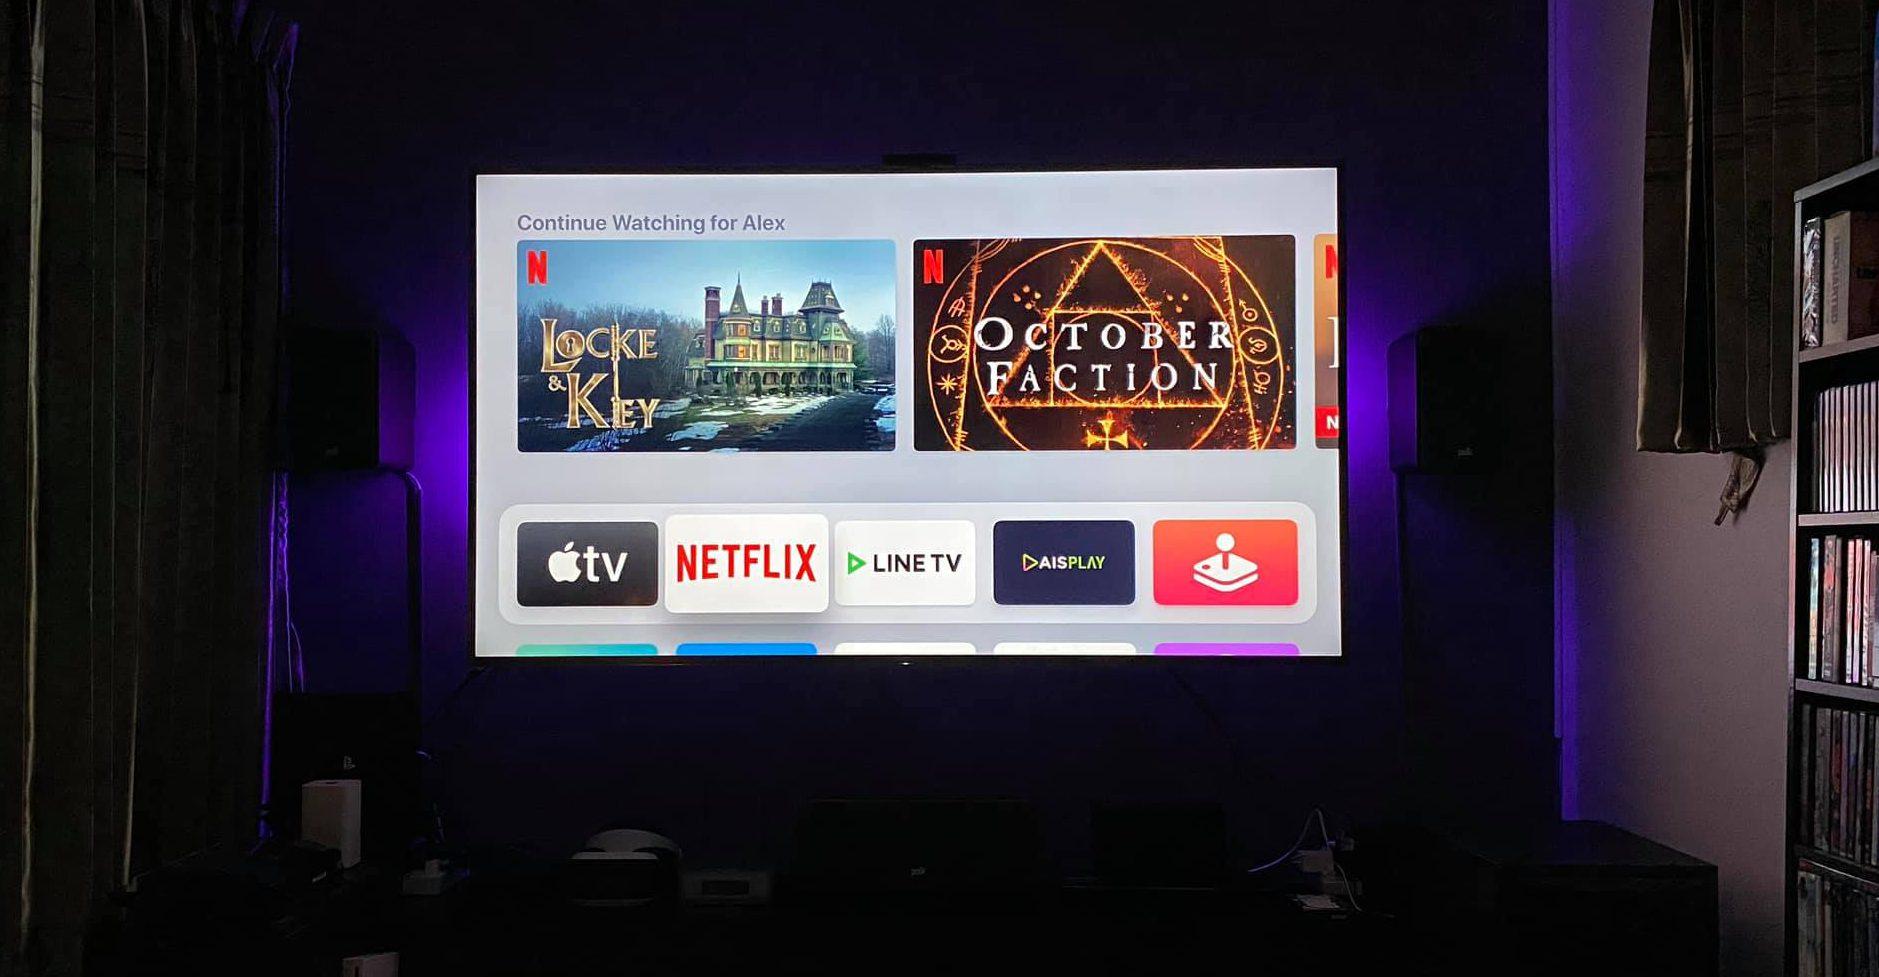 TV In Hometheater Room